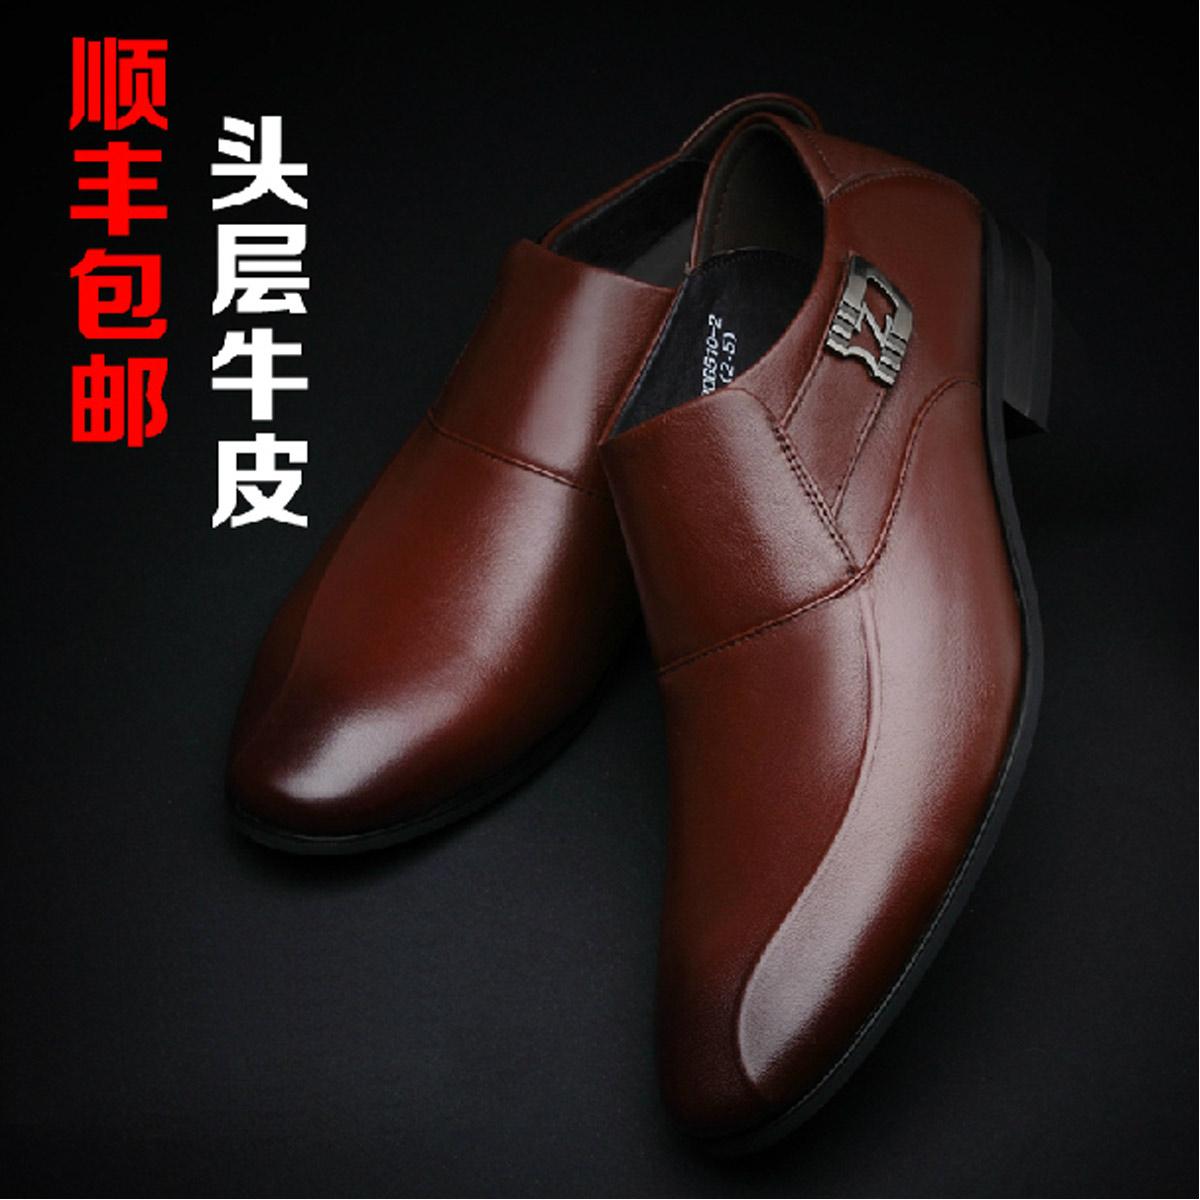 佐拉奴男士商务正装皮鞋尖头男式套脚真皮头层牛皮鞋正品秋季婚鞋